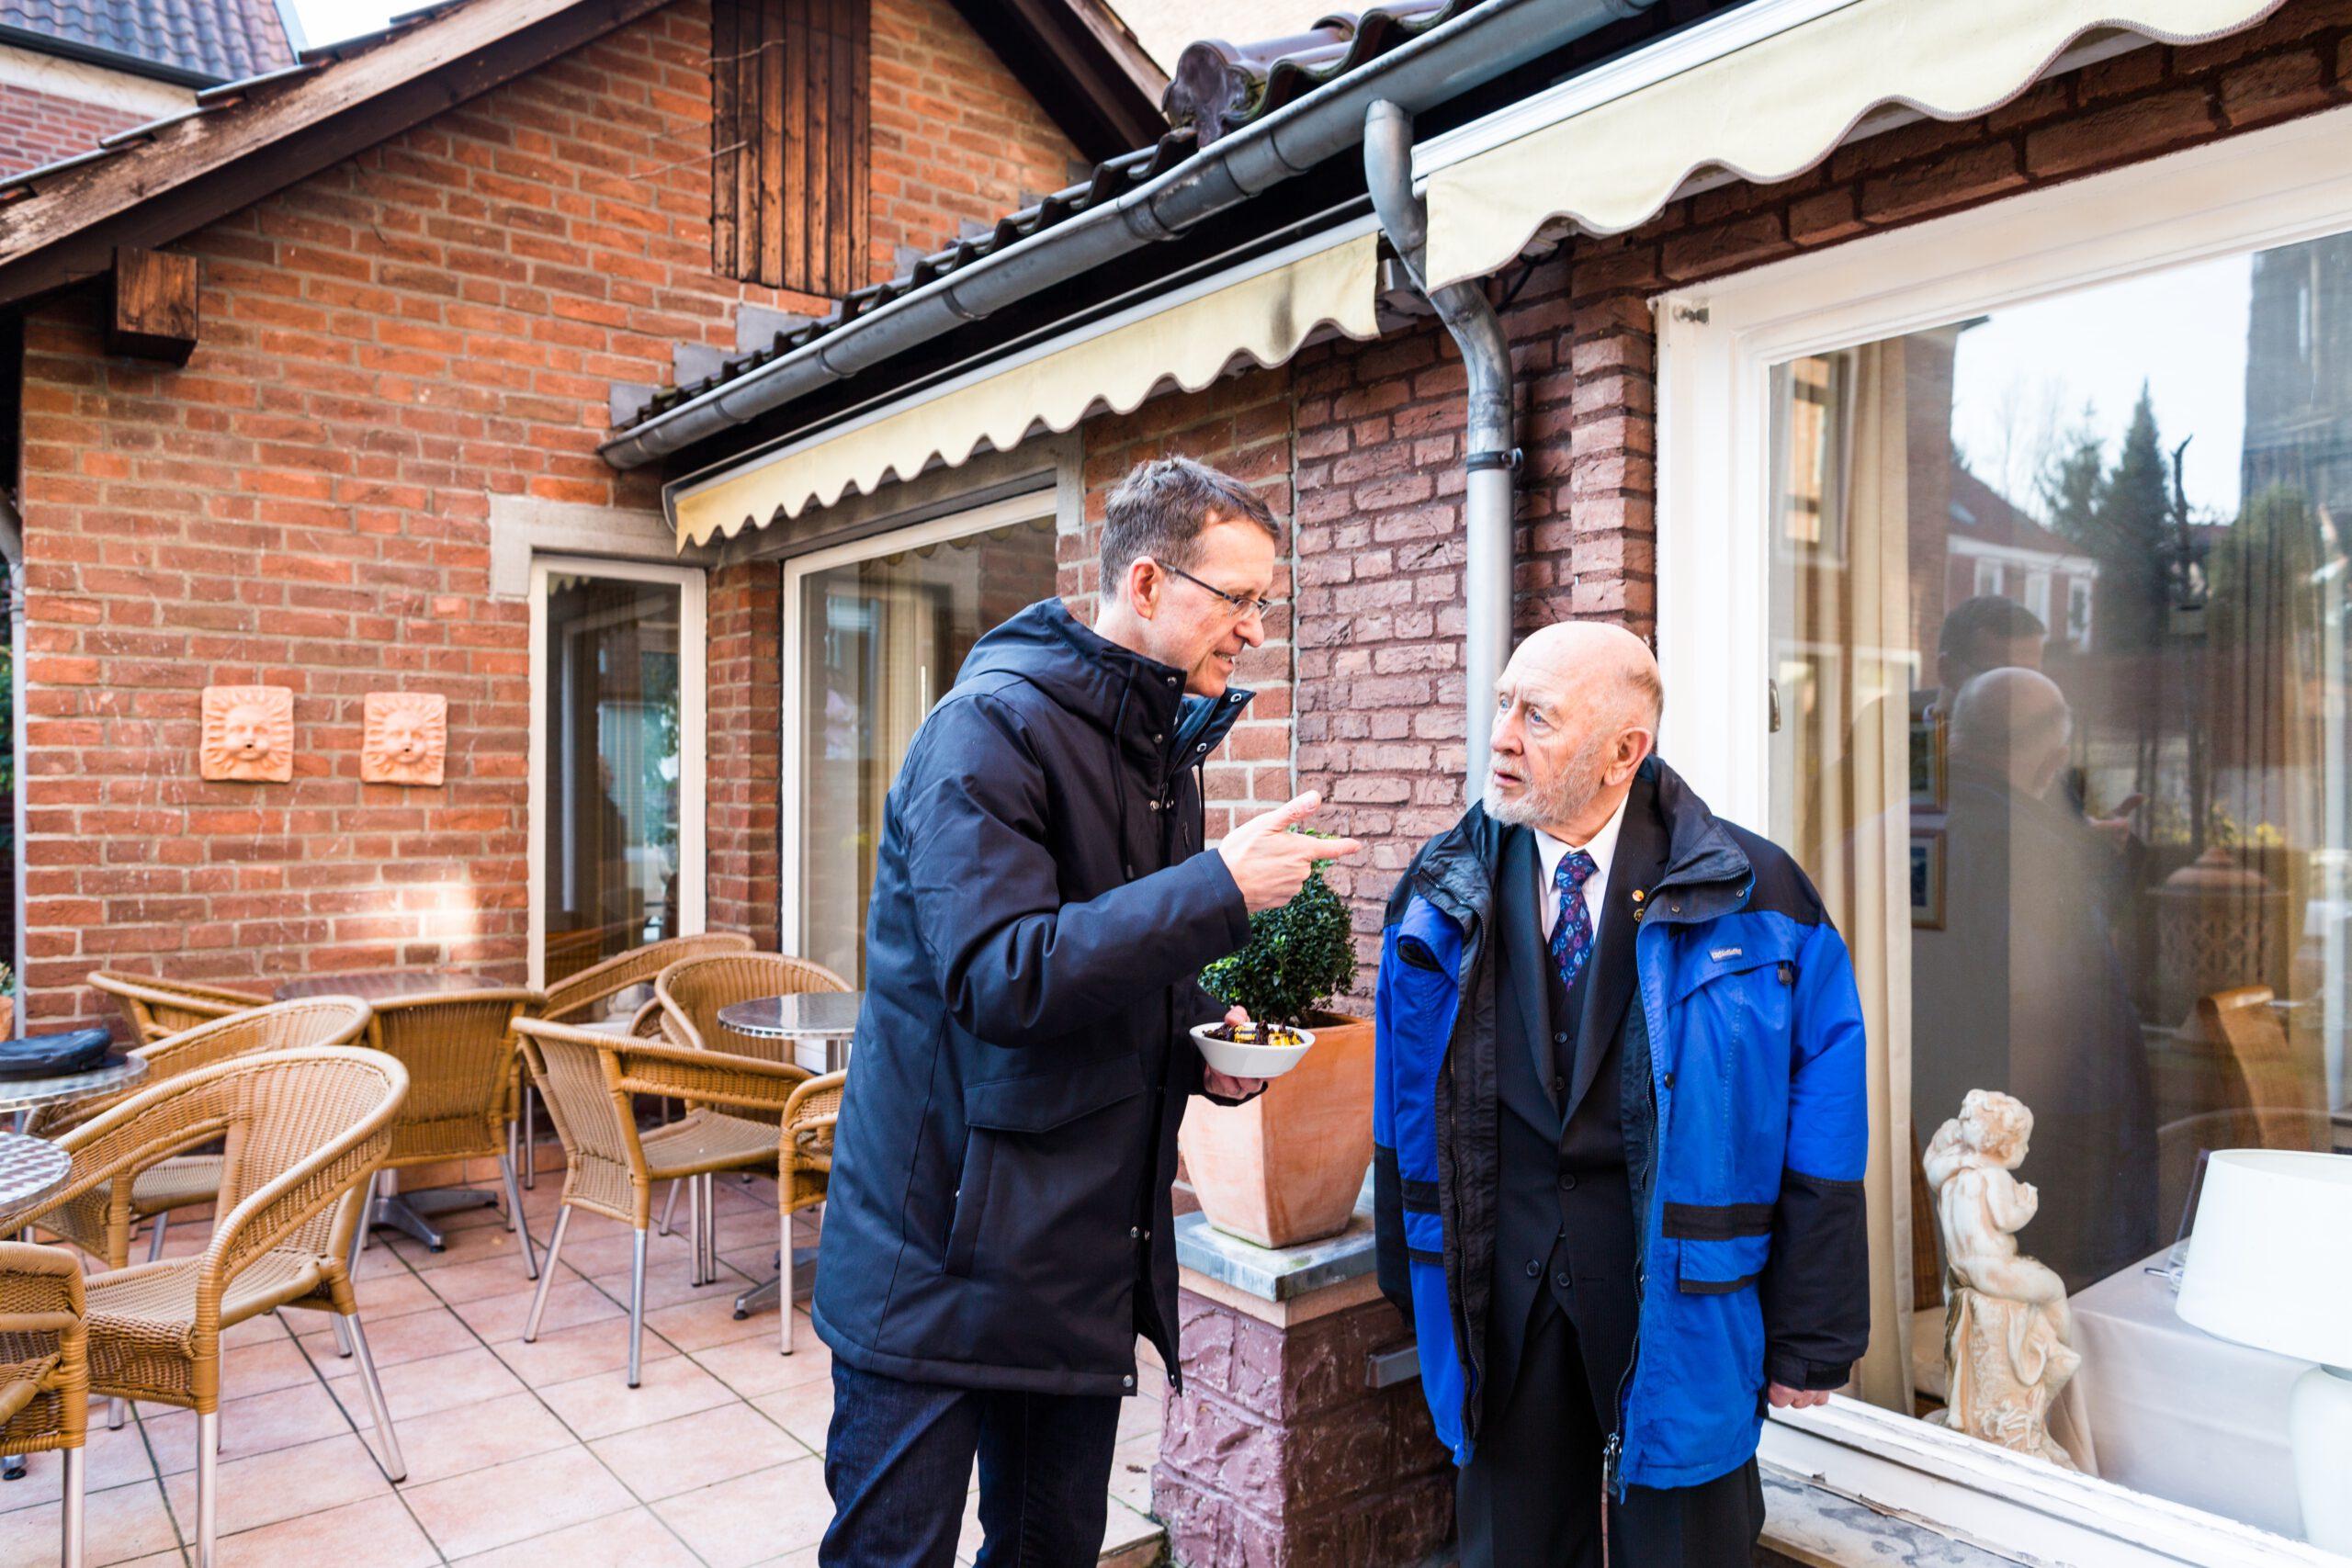 Making-of: Prof. Thorsten Hennig-Thurau und Hannes Demming (v.l.) im Hotel Busche. (Foto: Kai Manke)